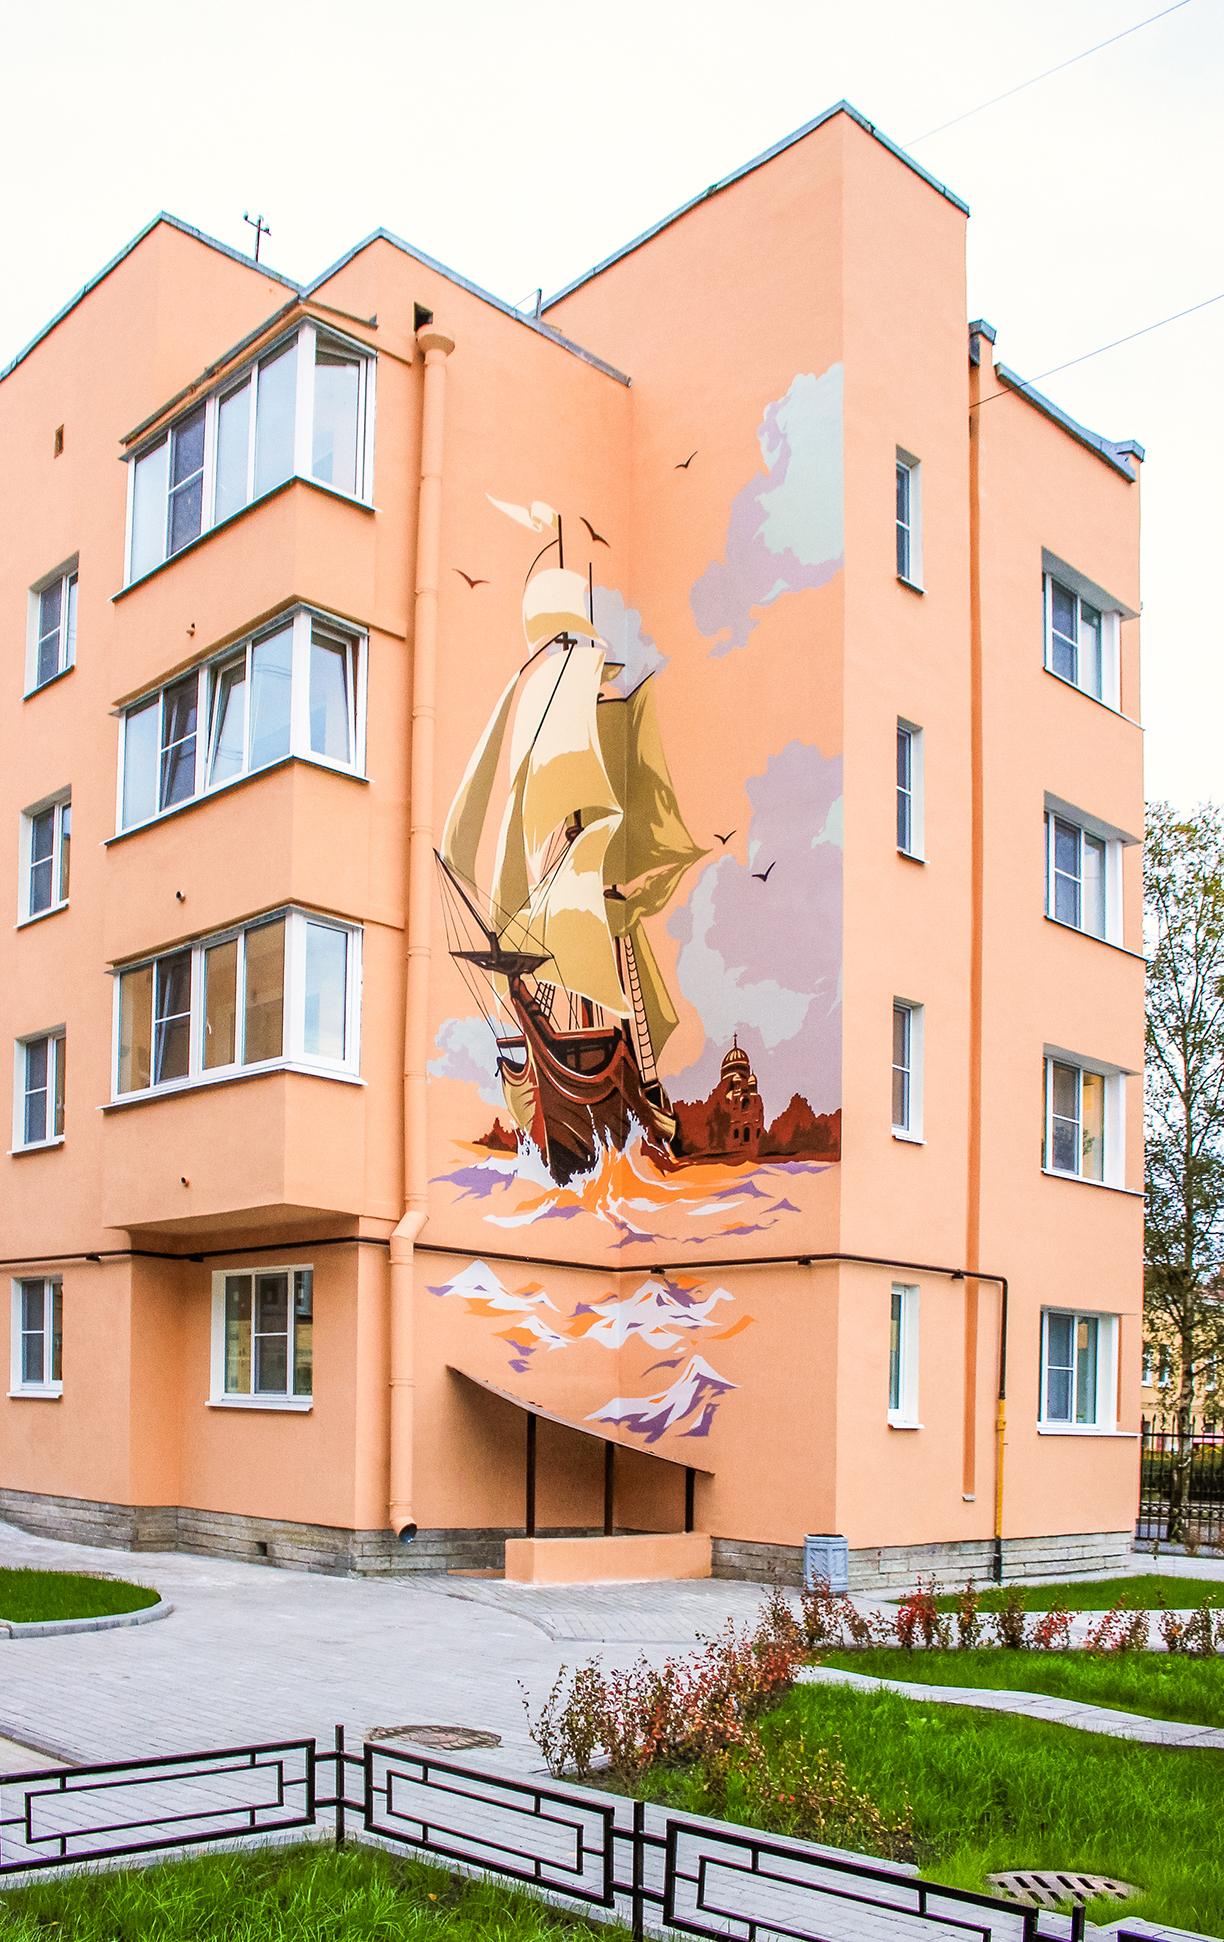 Frigate,  Kronshtadt _Russia, 2012_01 (c) Art-Facade.jpg